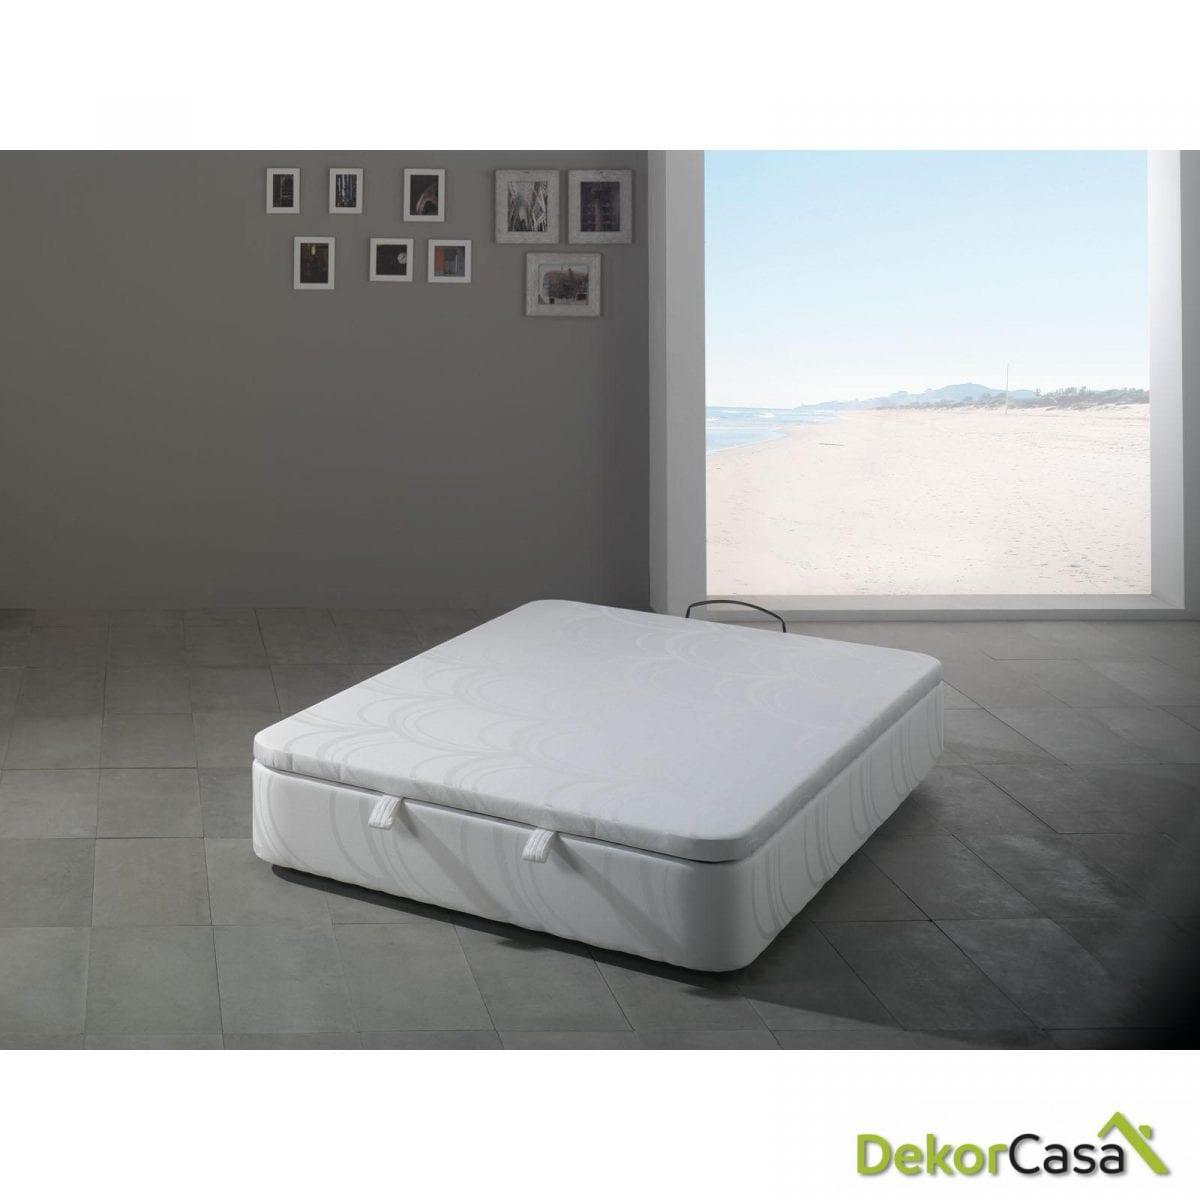 Canapé Tapizado Dinamic